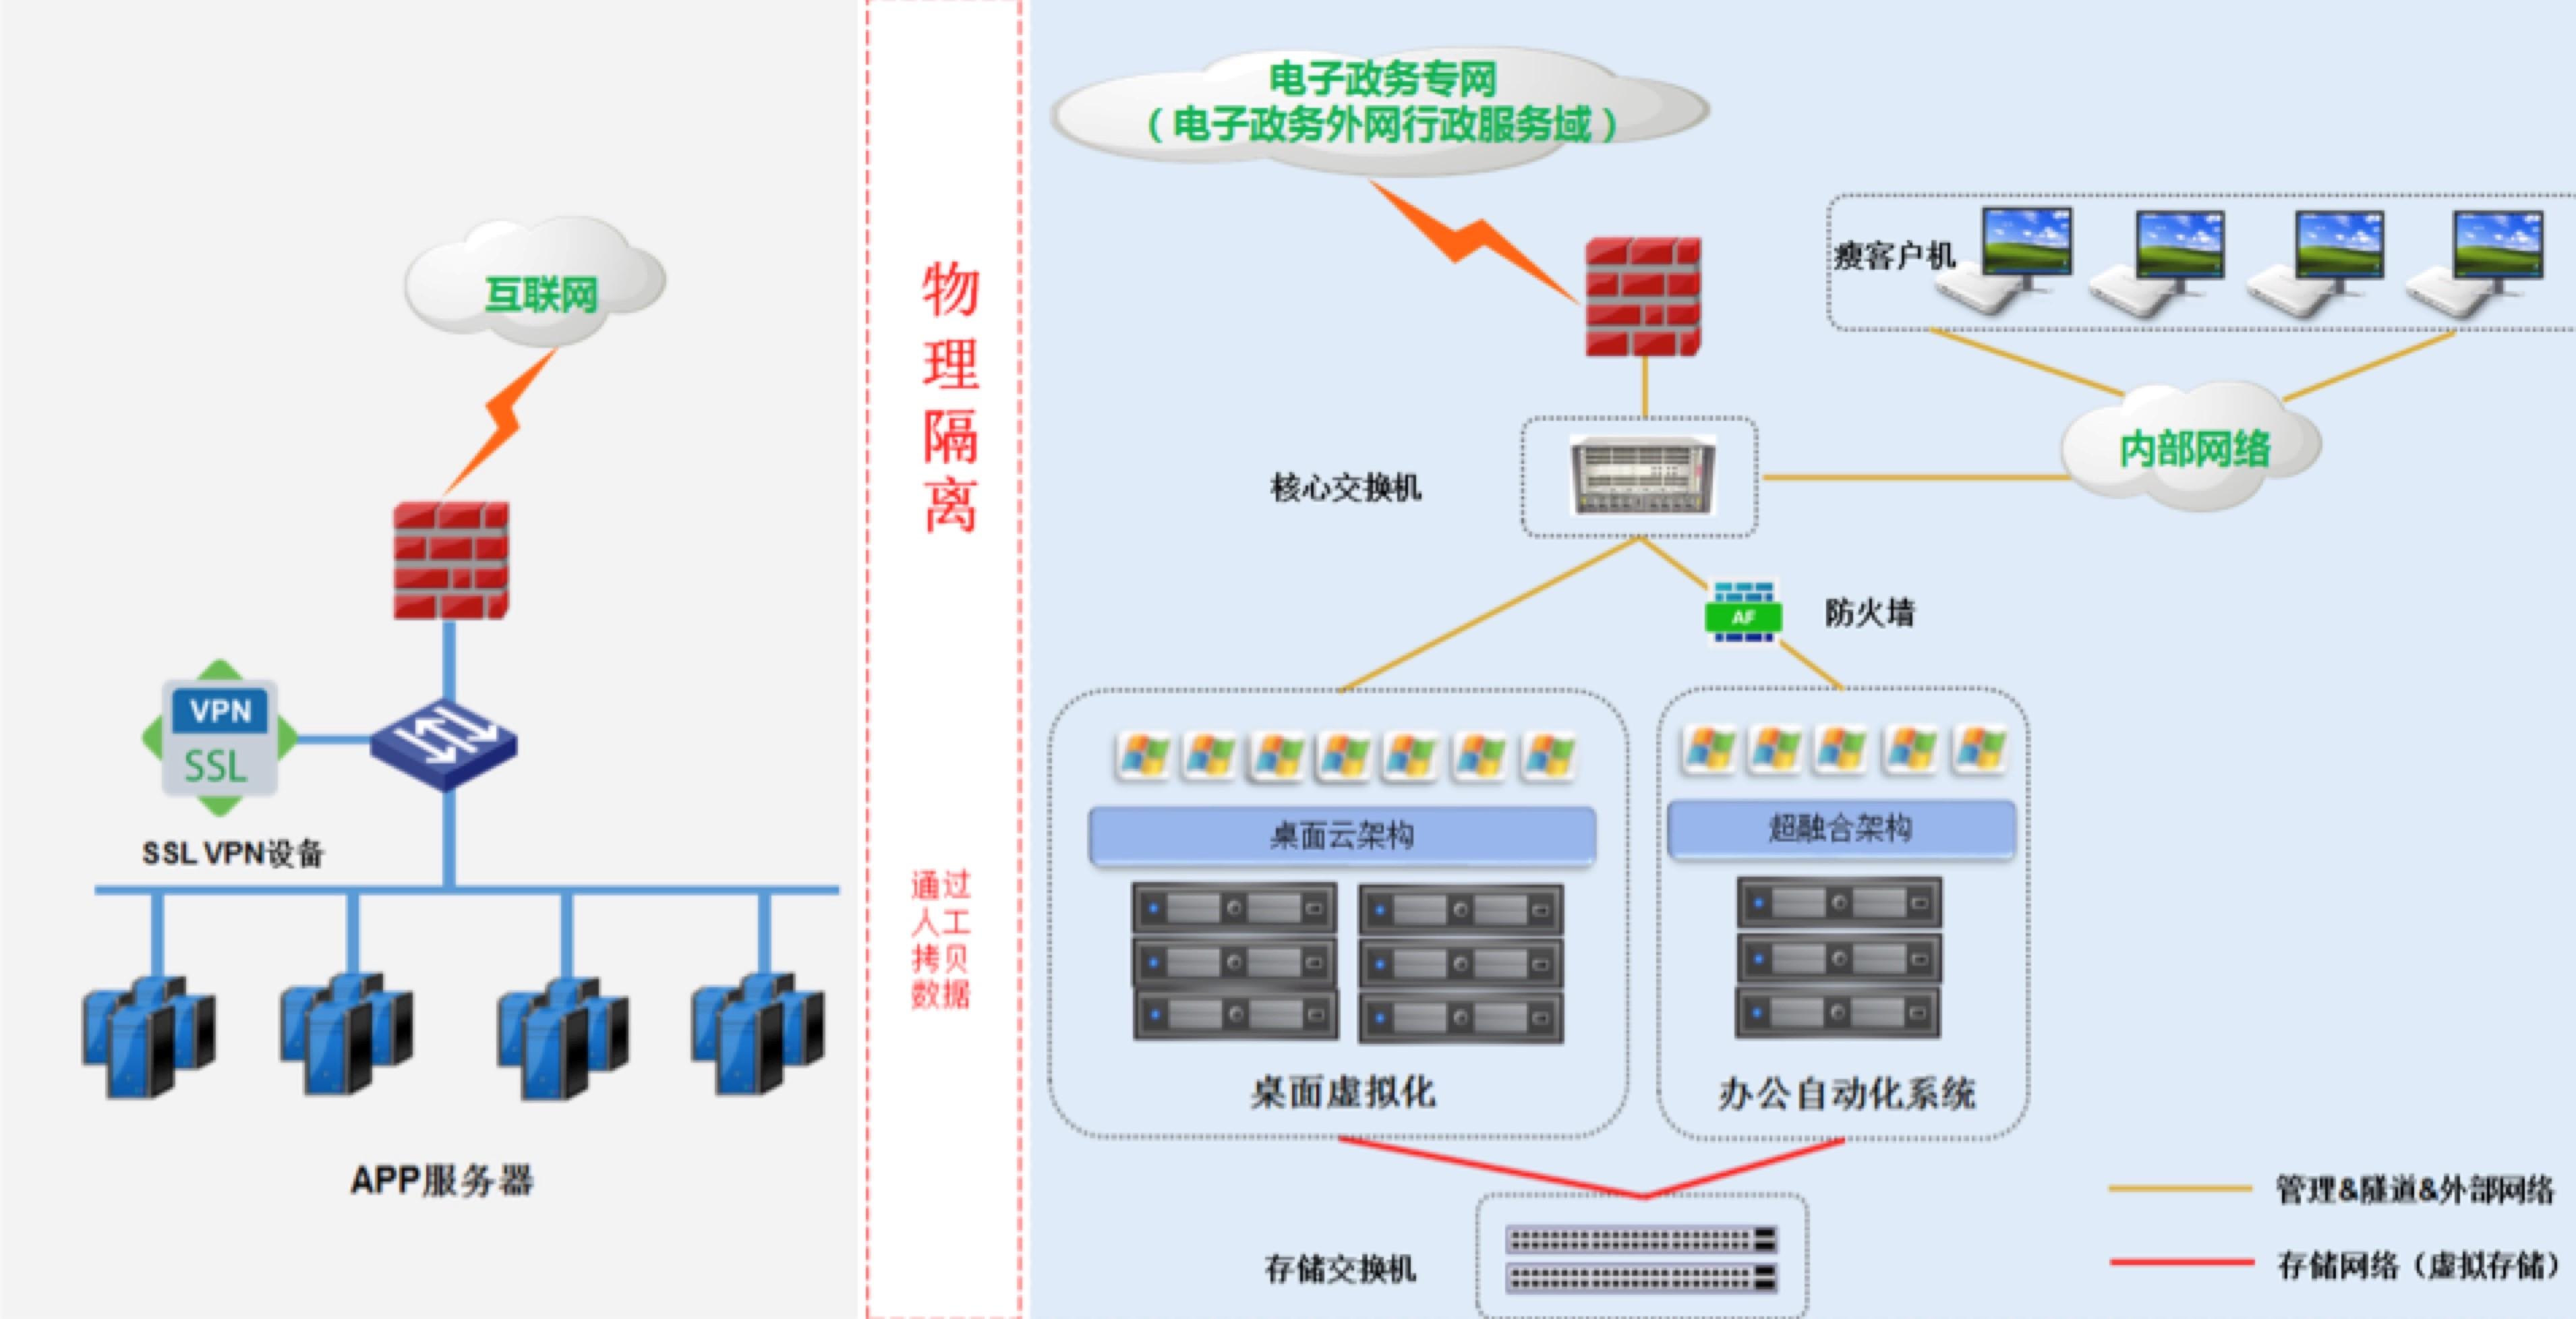 山东省住建厅协同办公自动化平台网络架构图